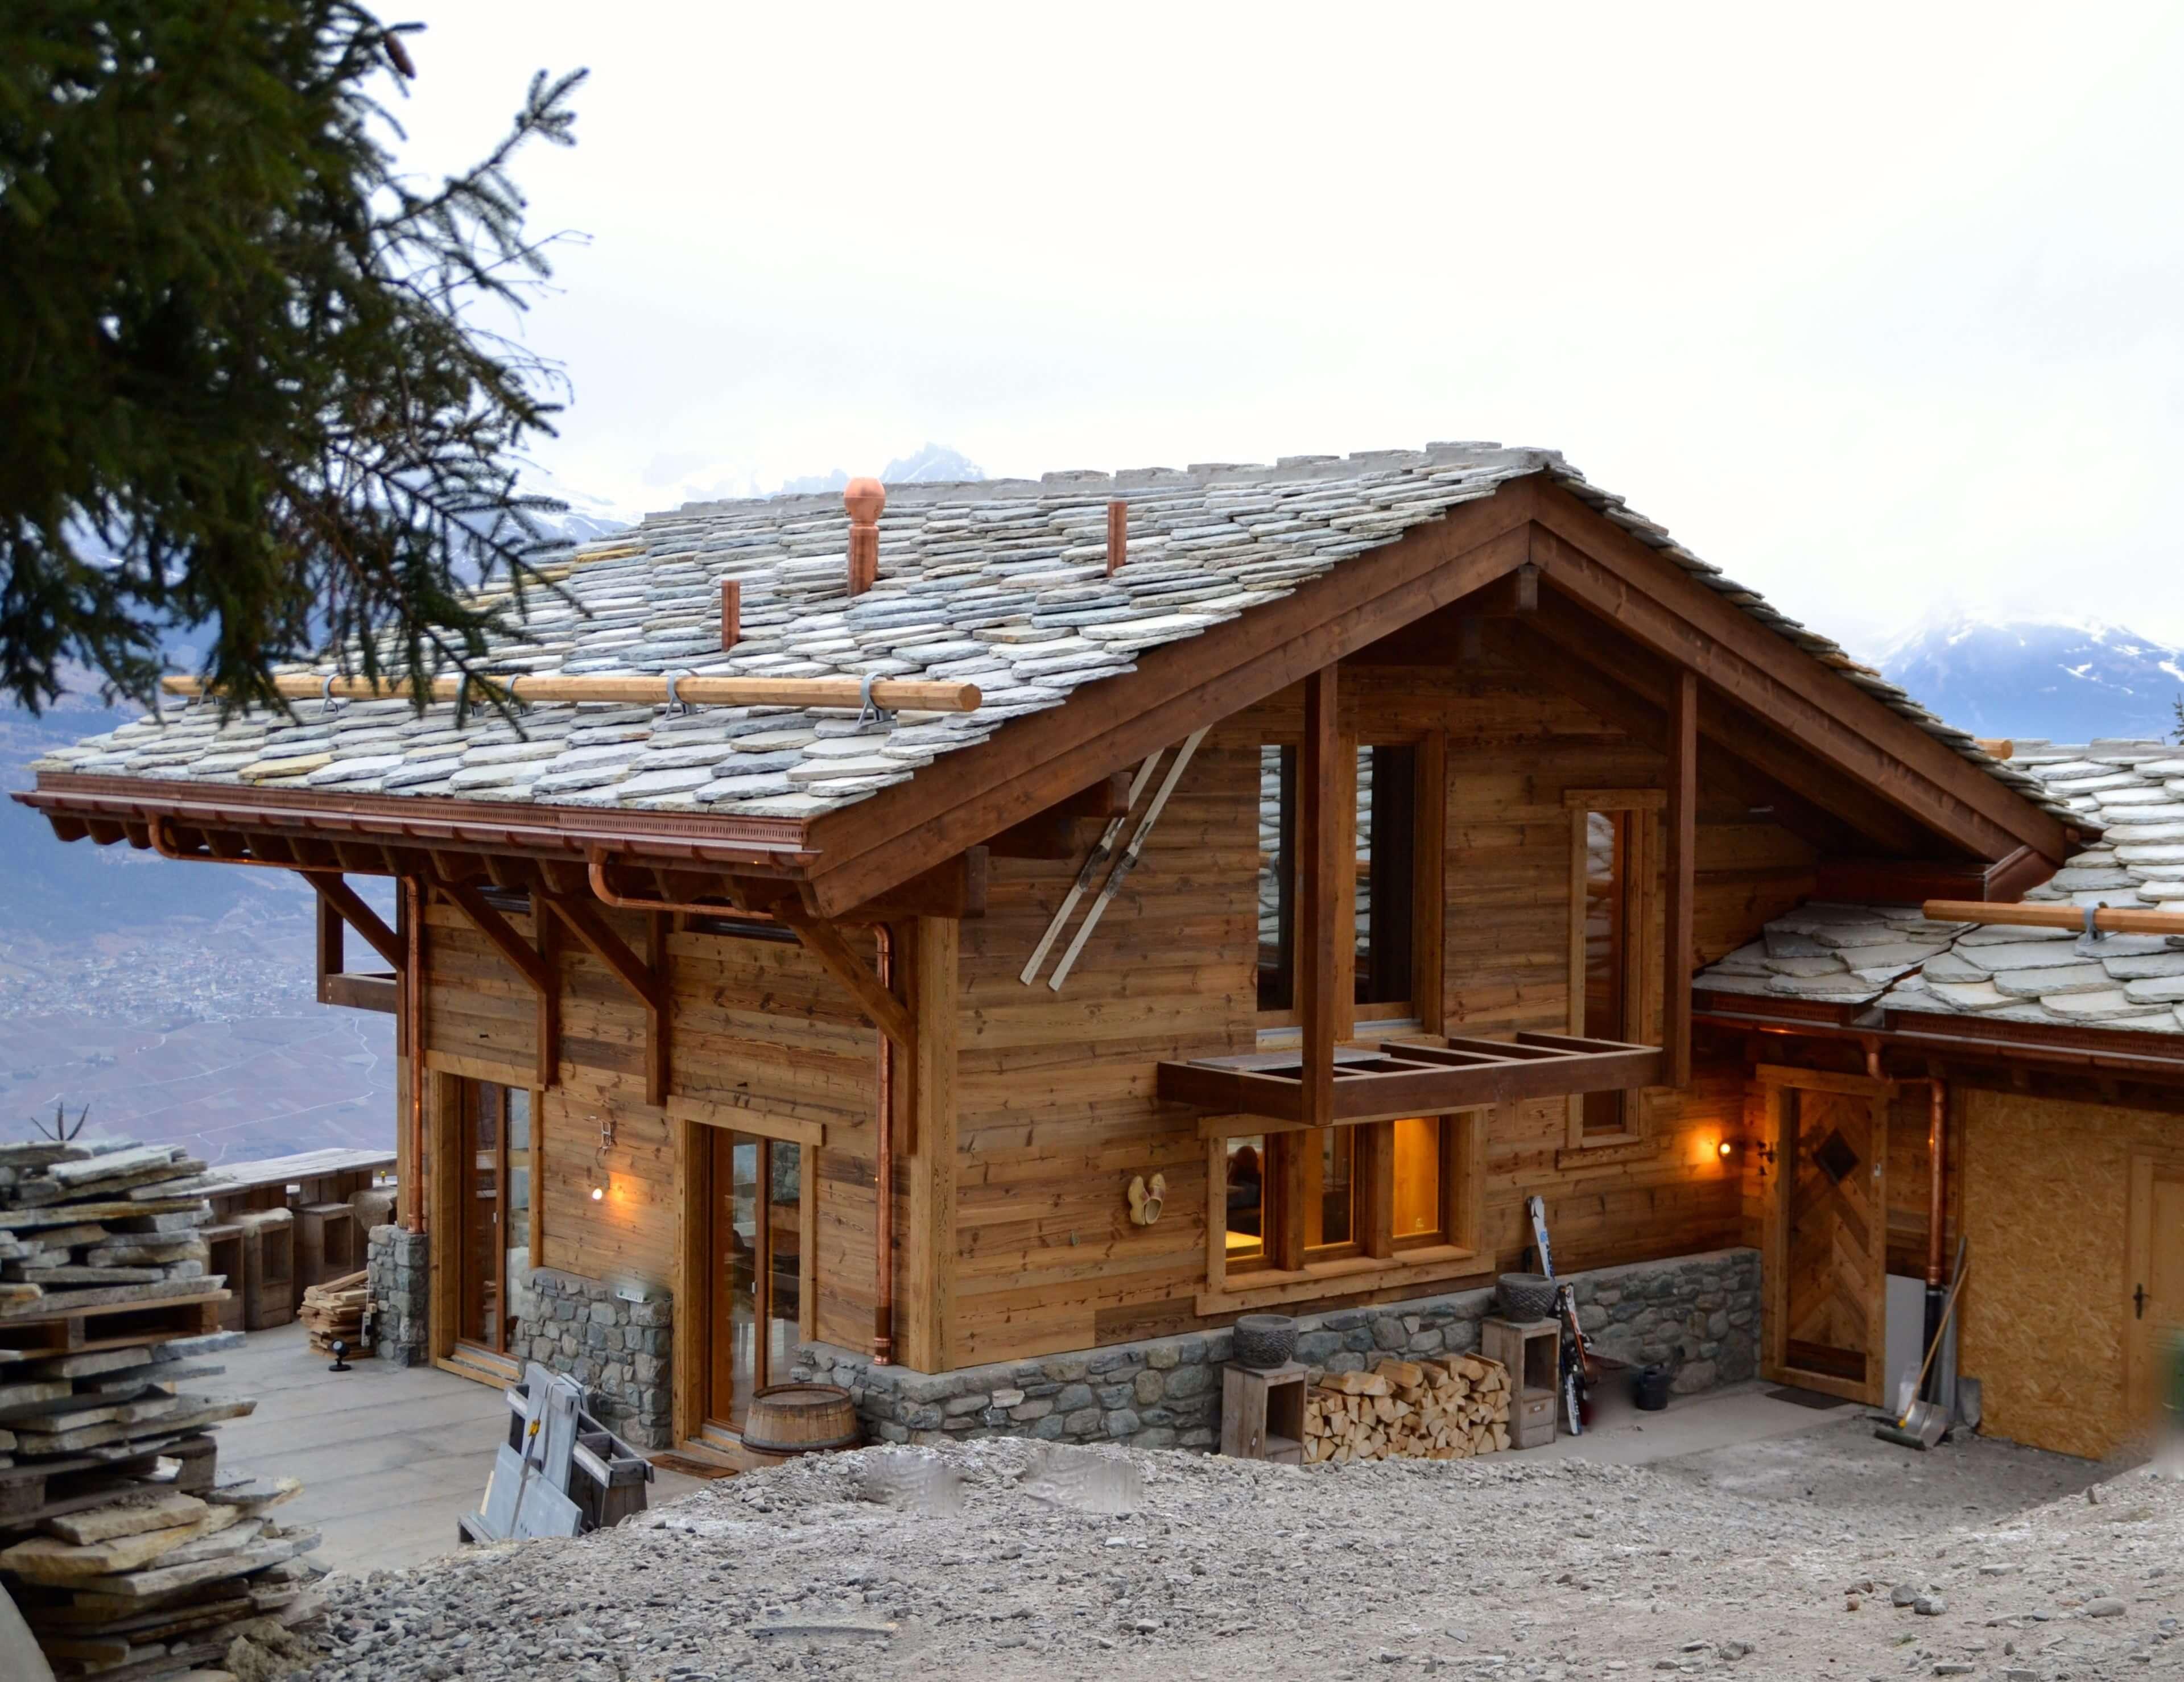 Chalet in de zwitserse bergen indra sripal - Chalet ontwikkeling ...